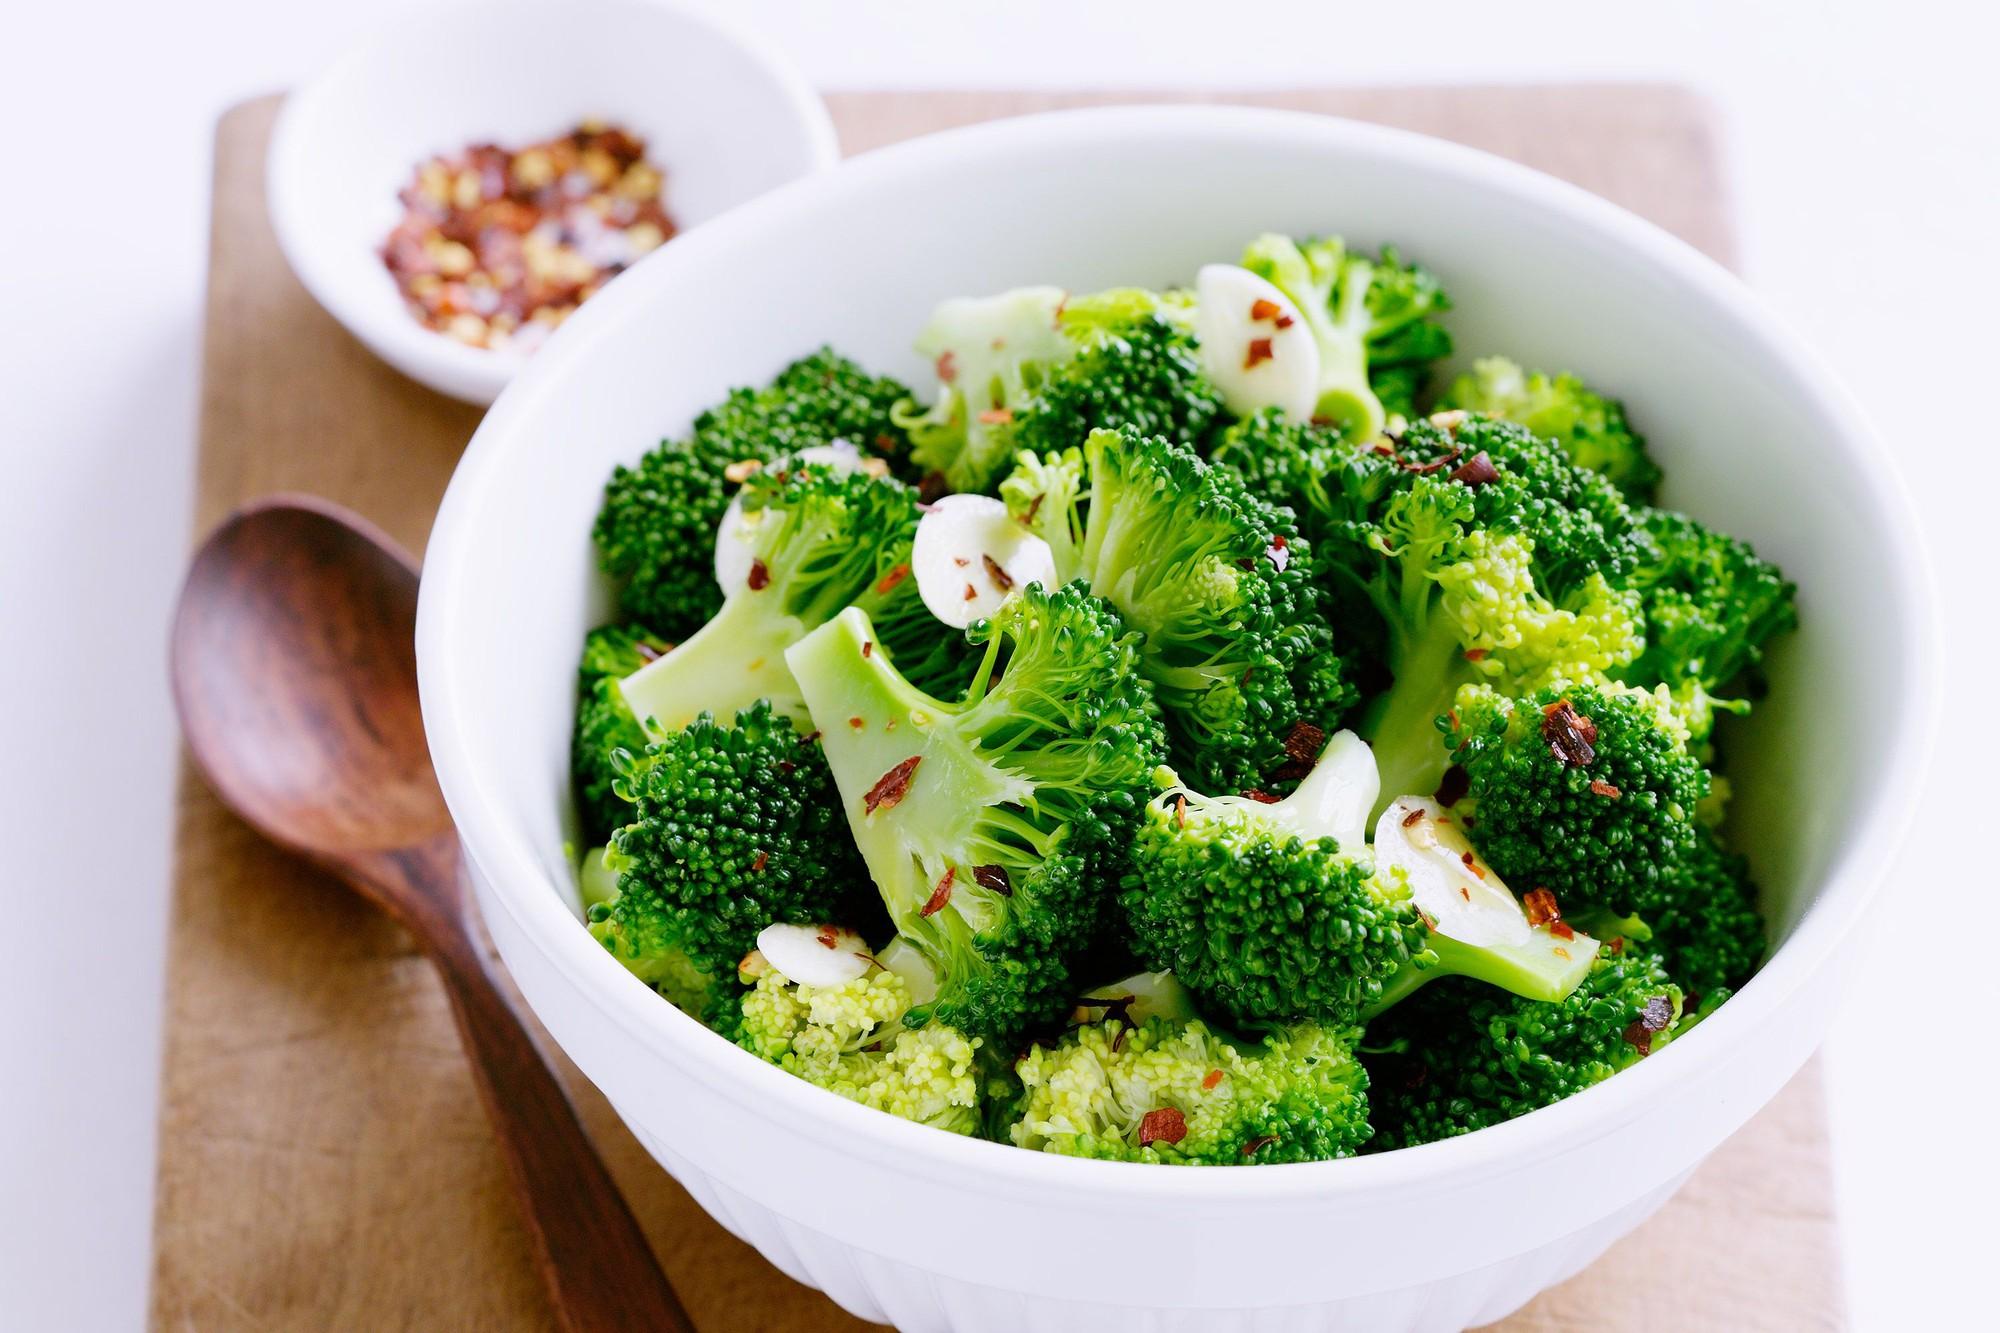 Mùa đông này nên ăn nhiều loại rau này hơn để thu về một loạt lợi ích sức khỏe - Ảnh 1.